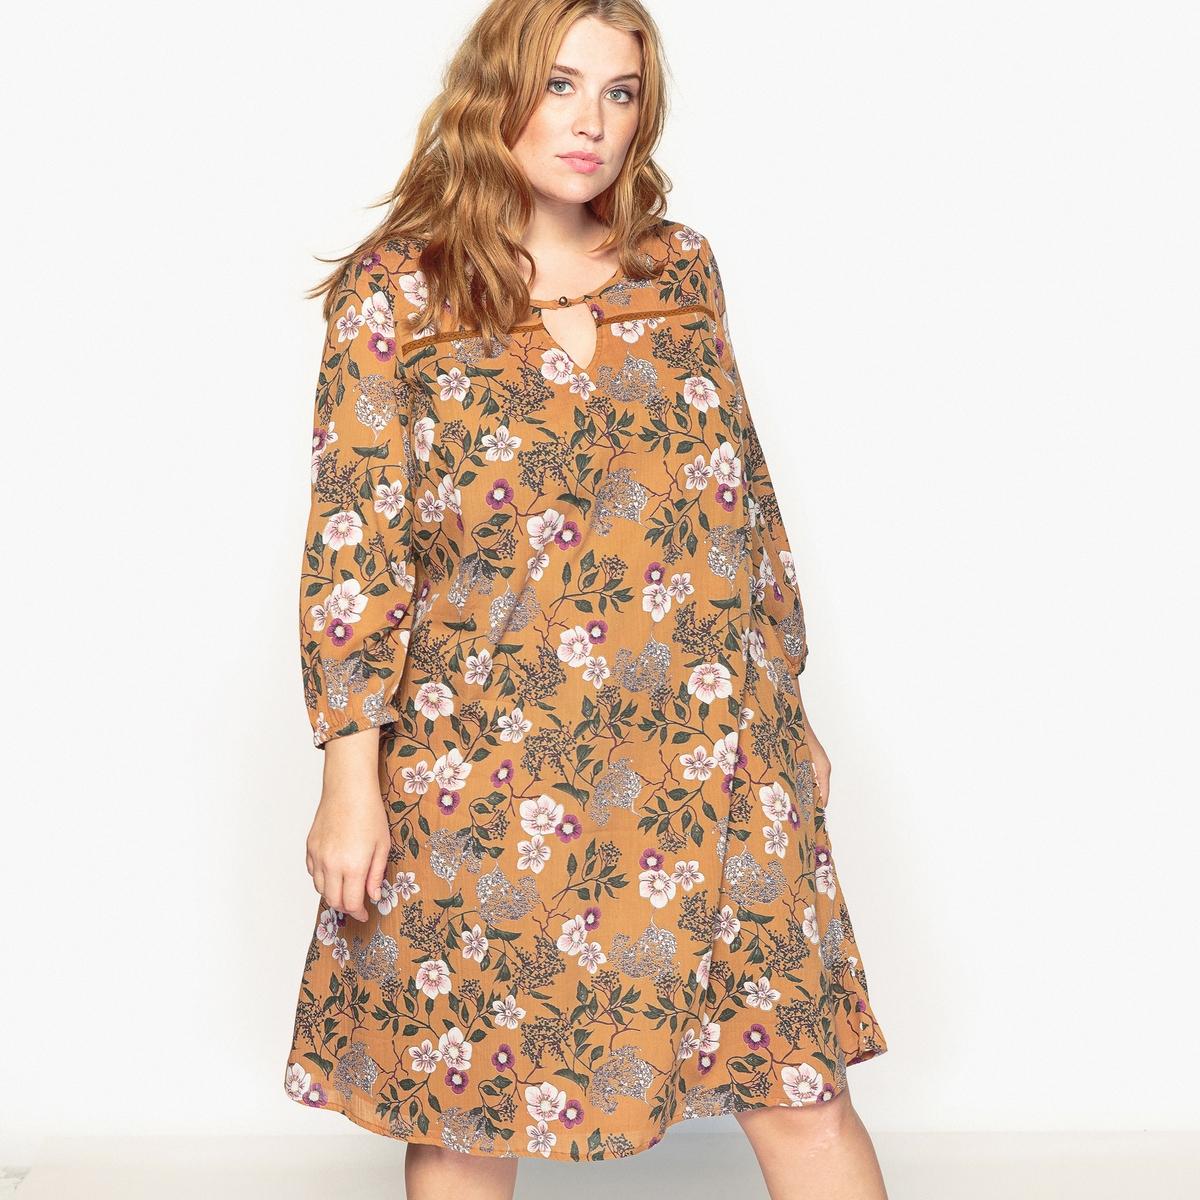 Платье расклешенное с цветочным рисунком платье футляр с цветочным рисунком